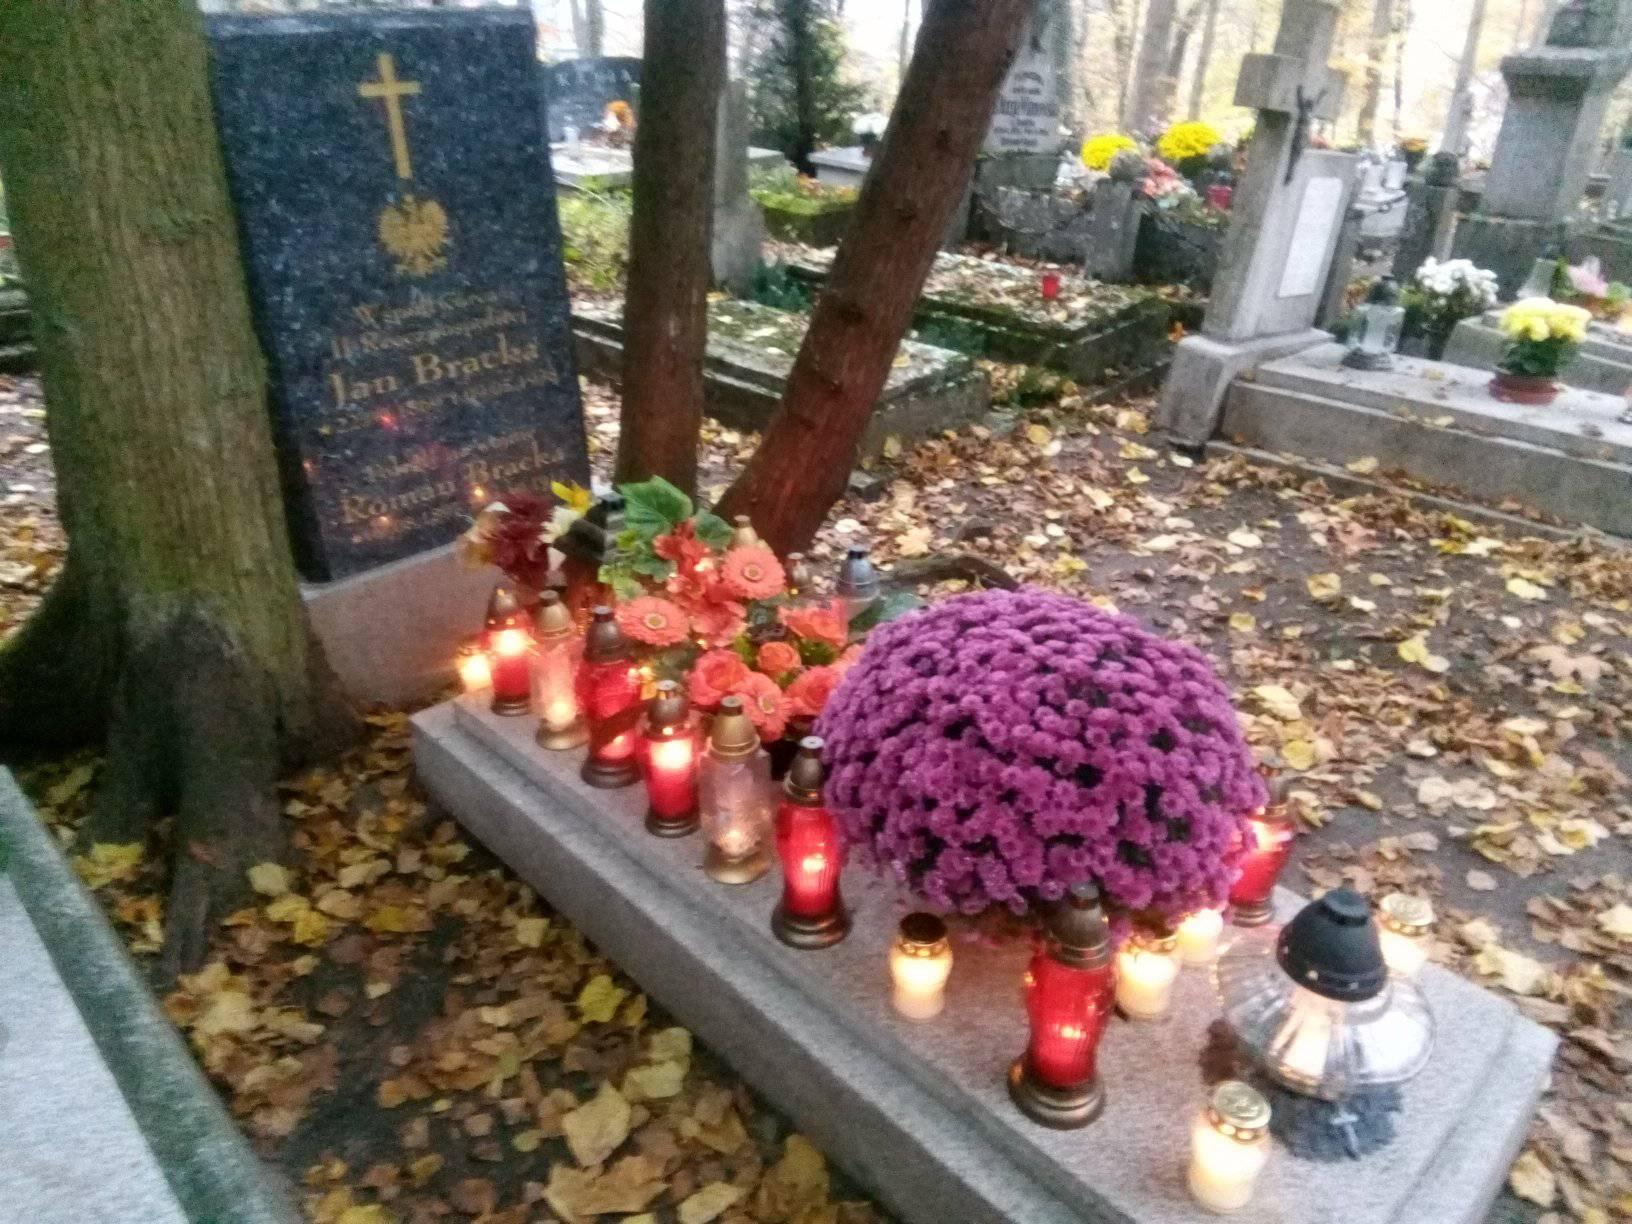 Jan Bracka najwybitniejsza postać stulecia odzyskania przezprezydenckie miasto Więcbork niepodległości - foto Tomasz Roman Bracka